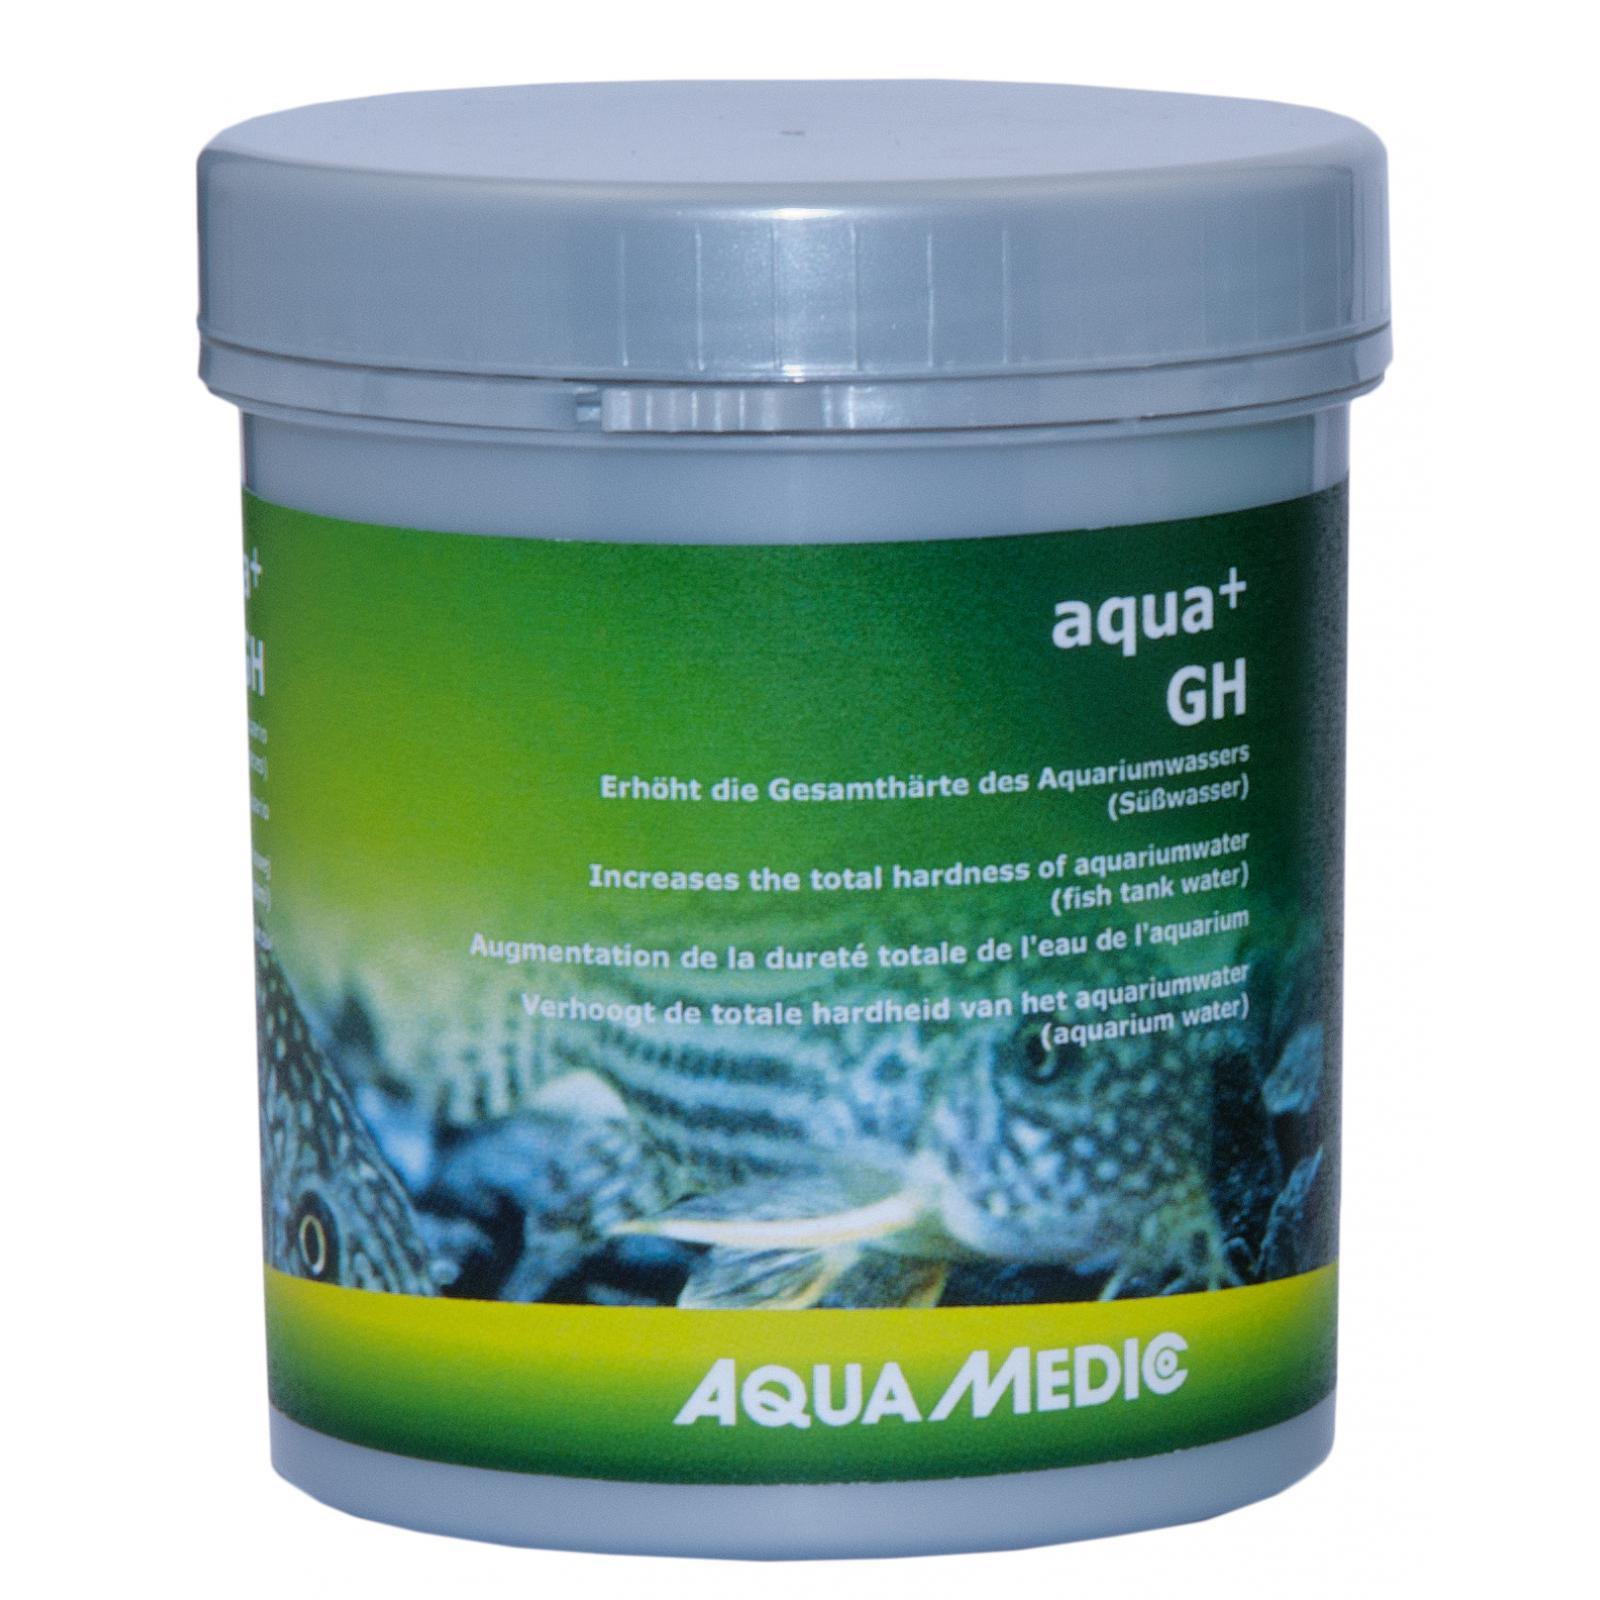 AQUA MEDIC aqua +GH 250 gr. augmente la dureté totale en aquarium d\'eau douce